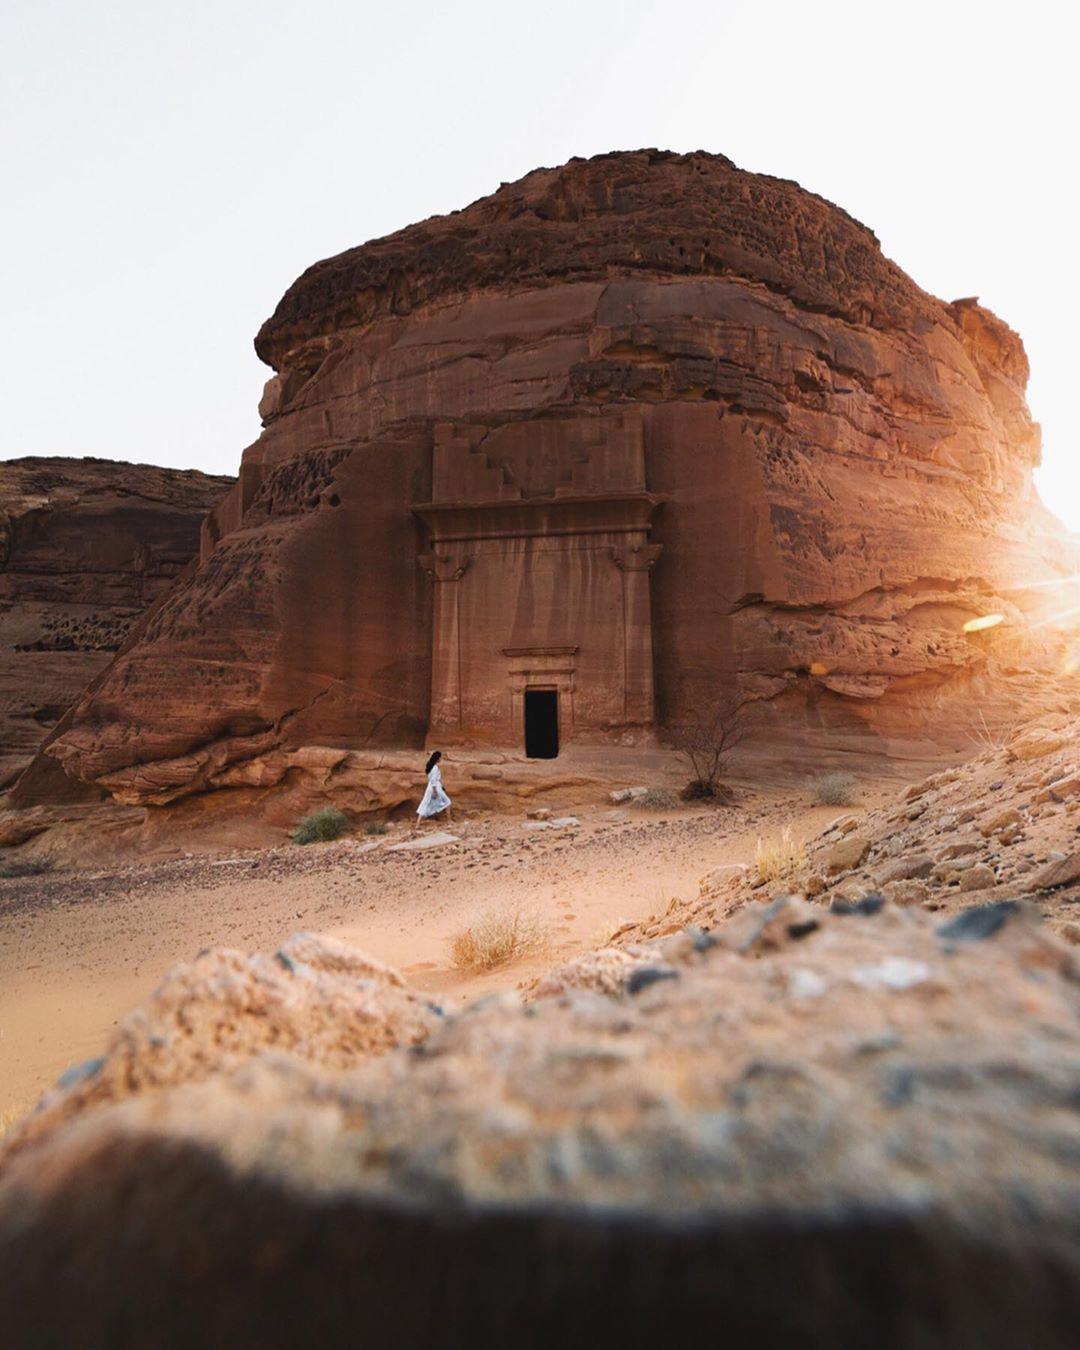 JLM Travel - e-visa pour l'Arabie saoudite depuis septembre 2019